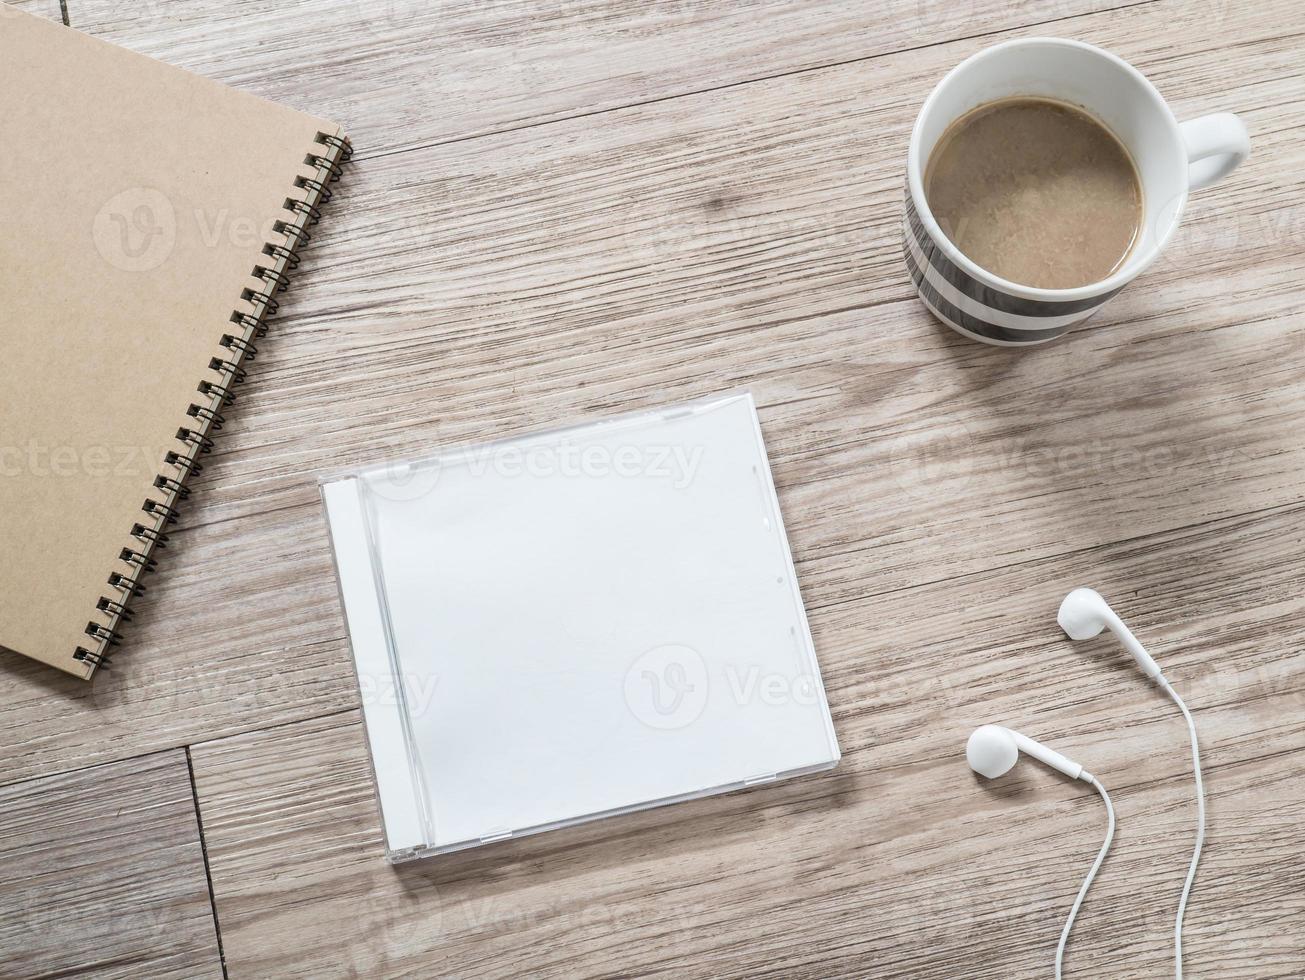 compact disc in bianco, auricolari, taccuino e caffè su fondo di legno foto